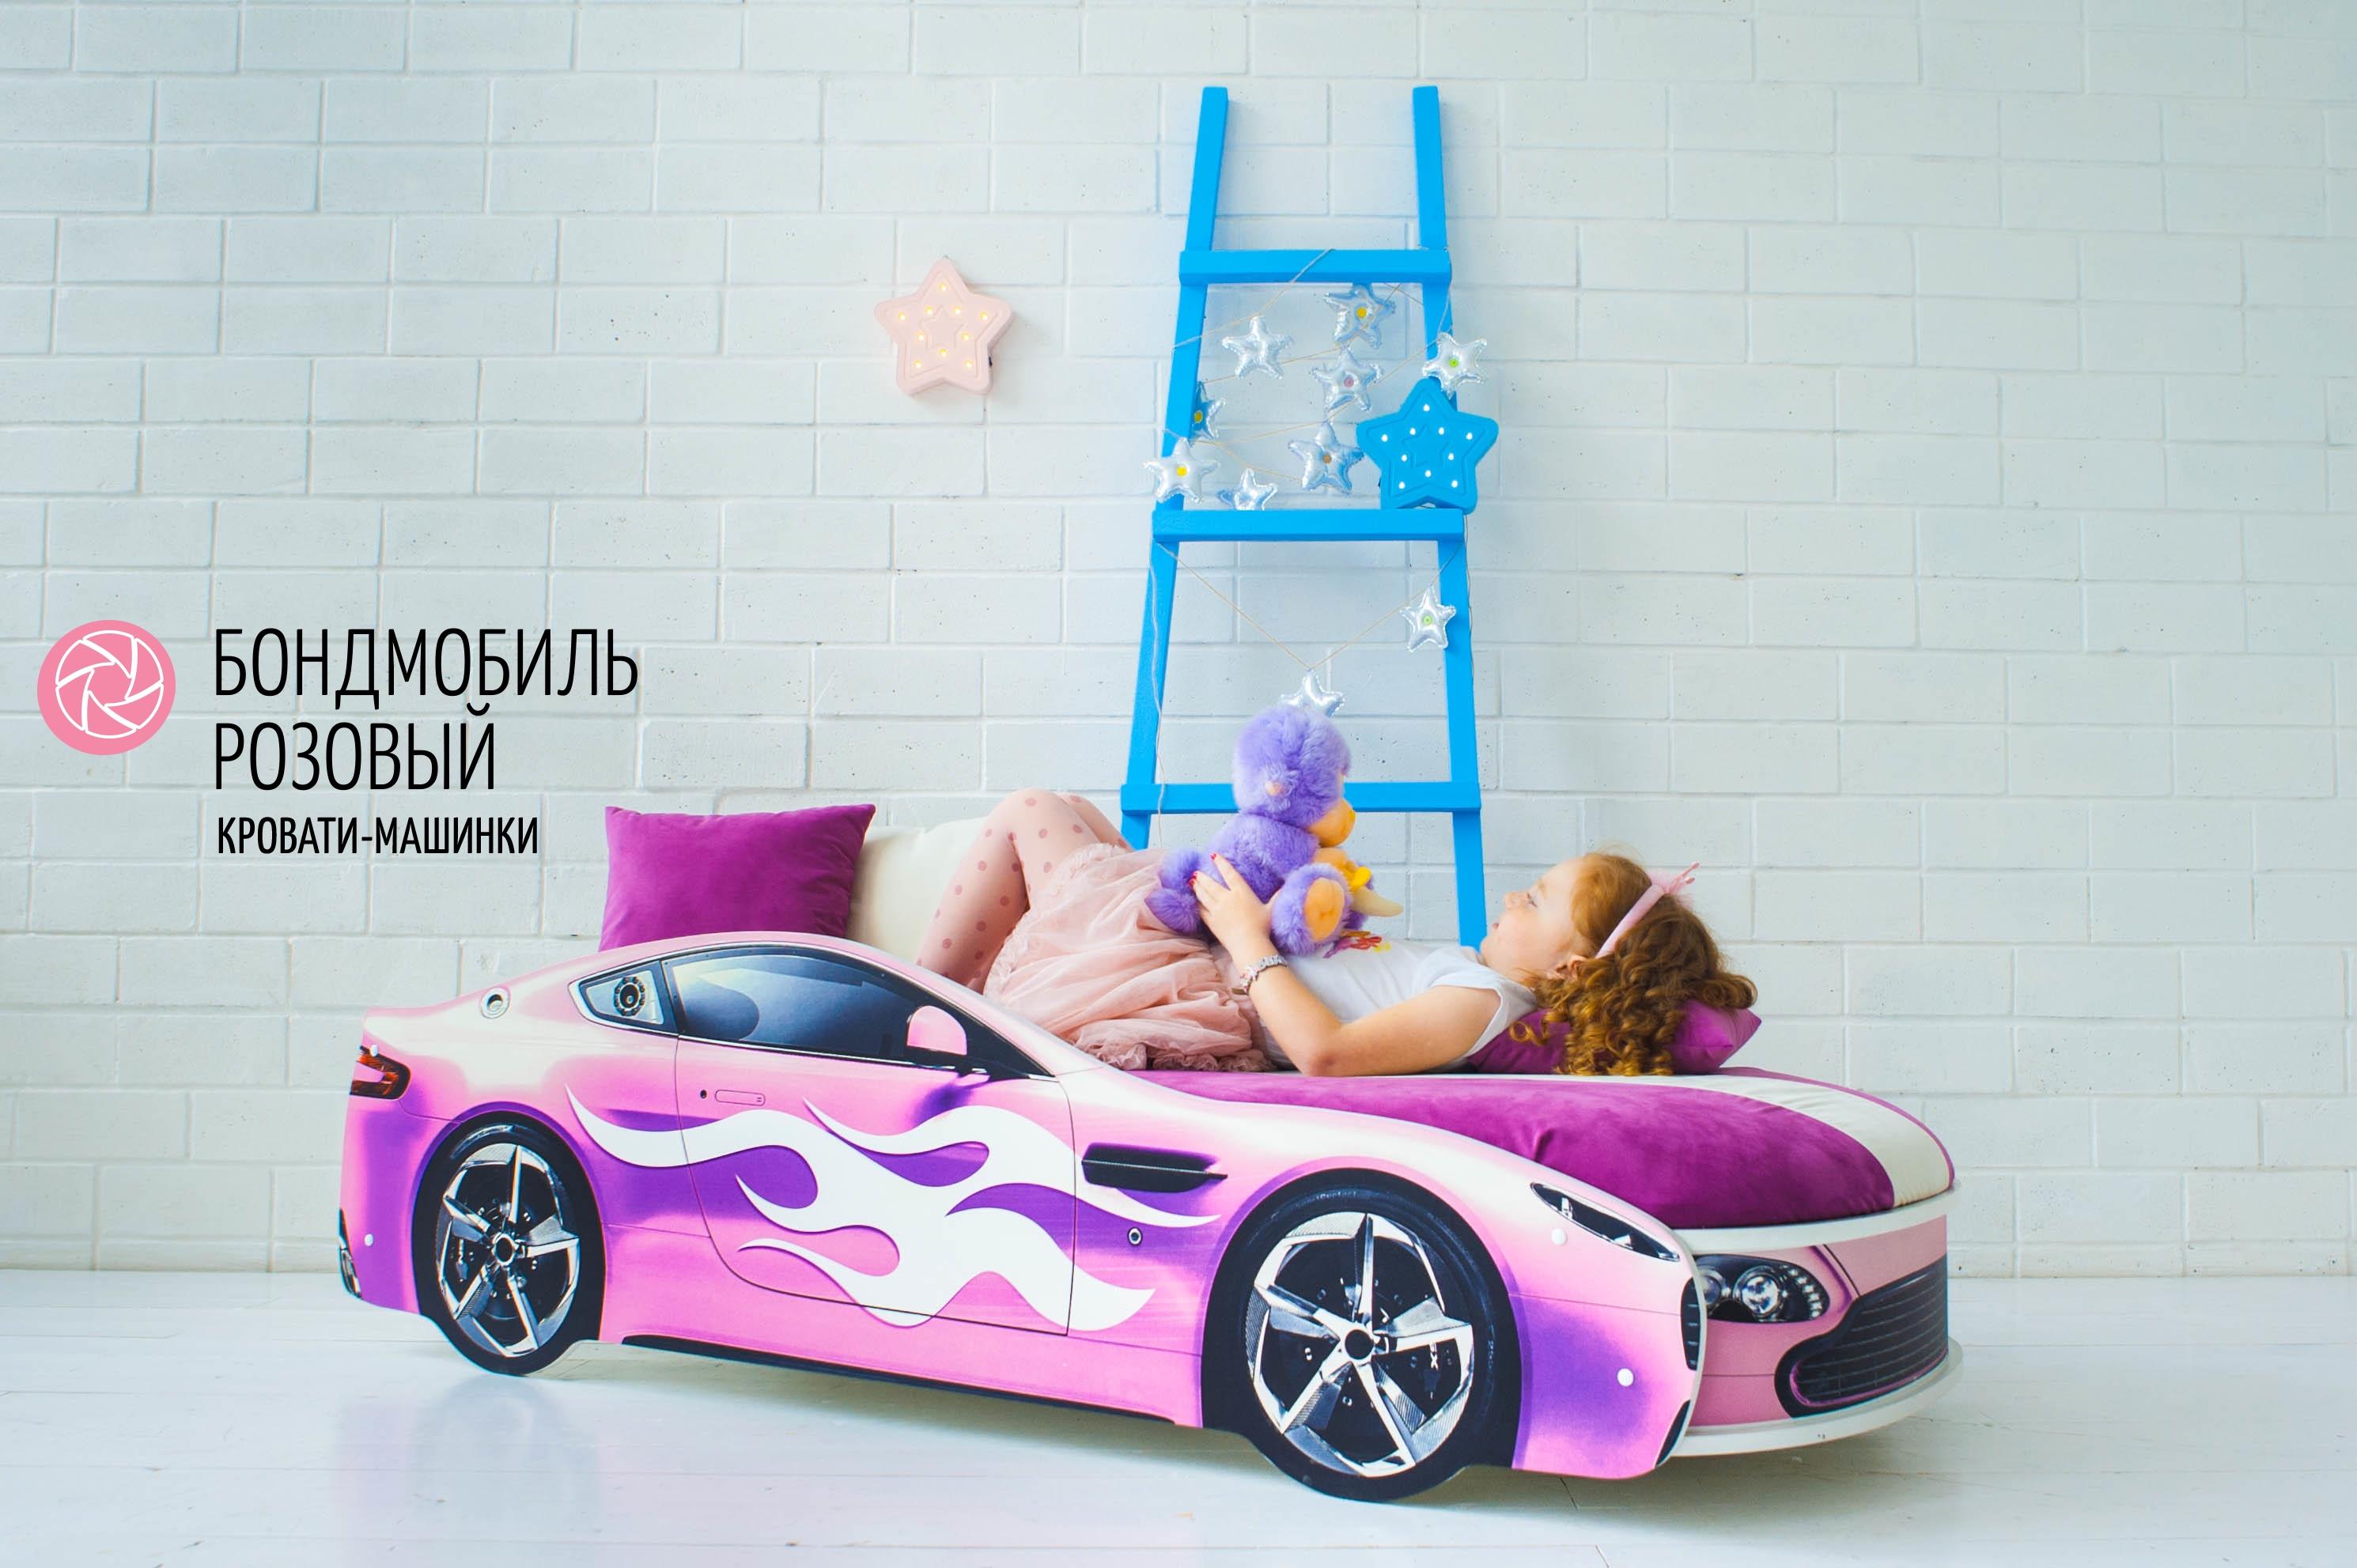 Детская кровать-машина розовый -Бондмобиль-8